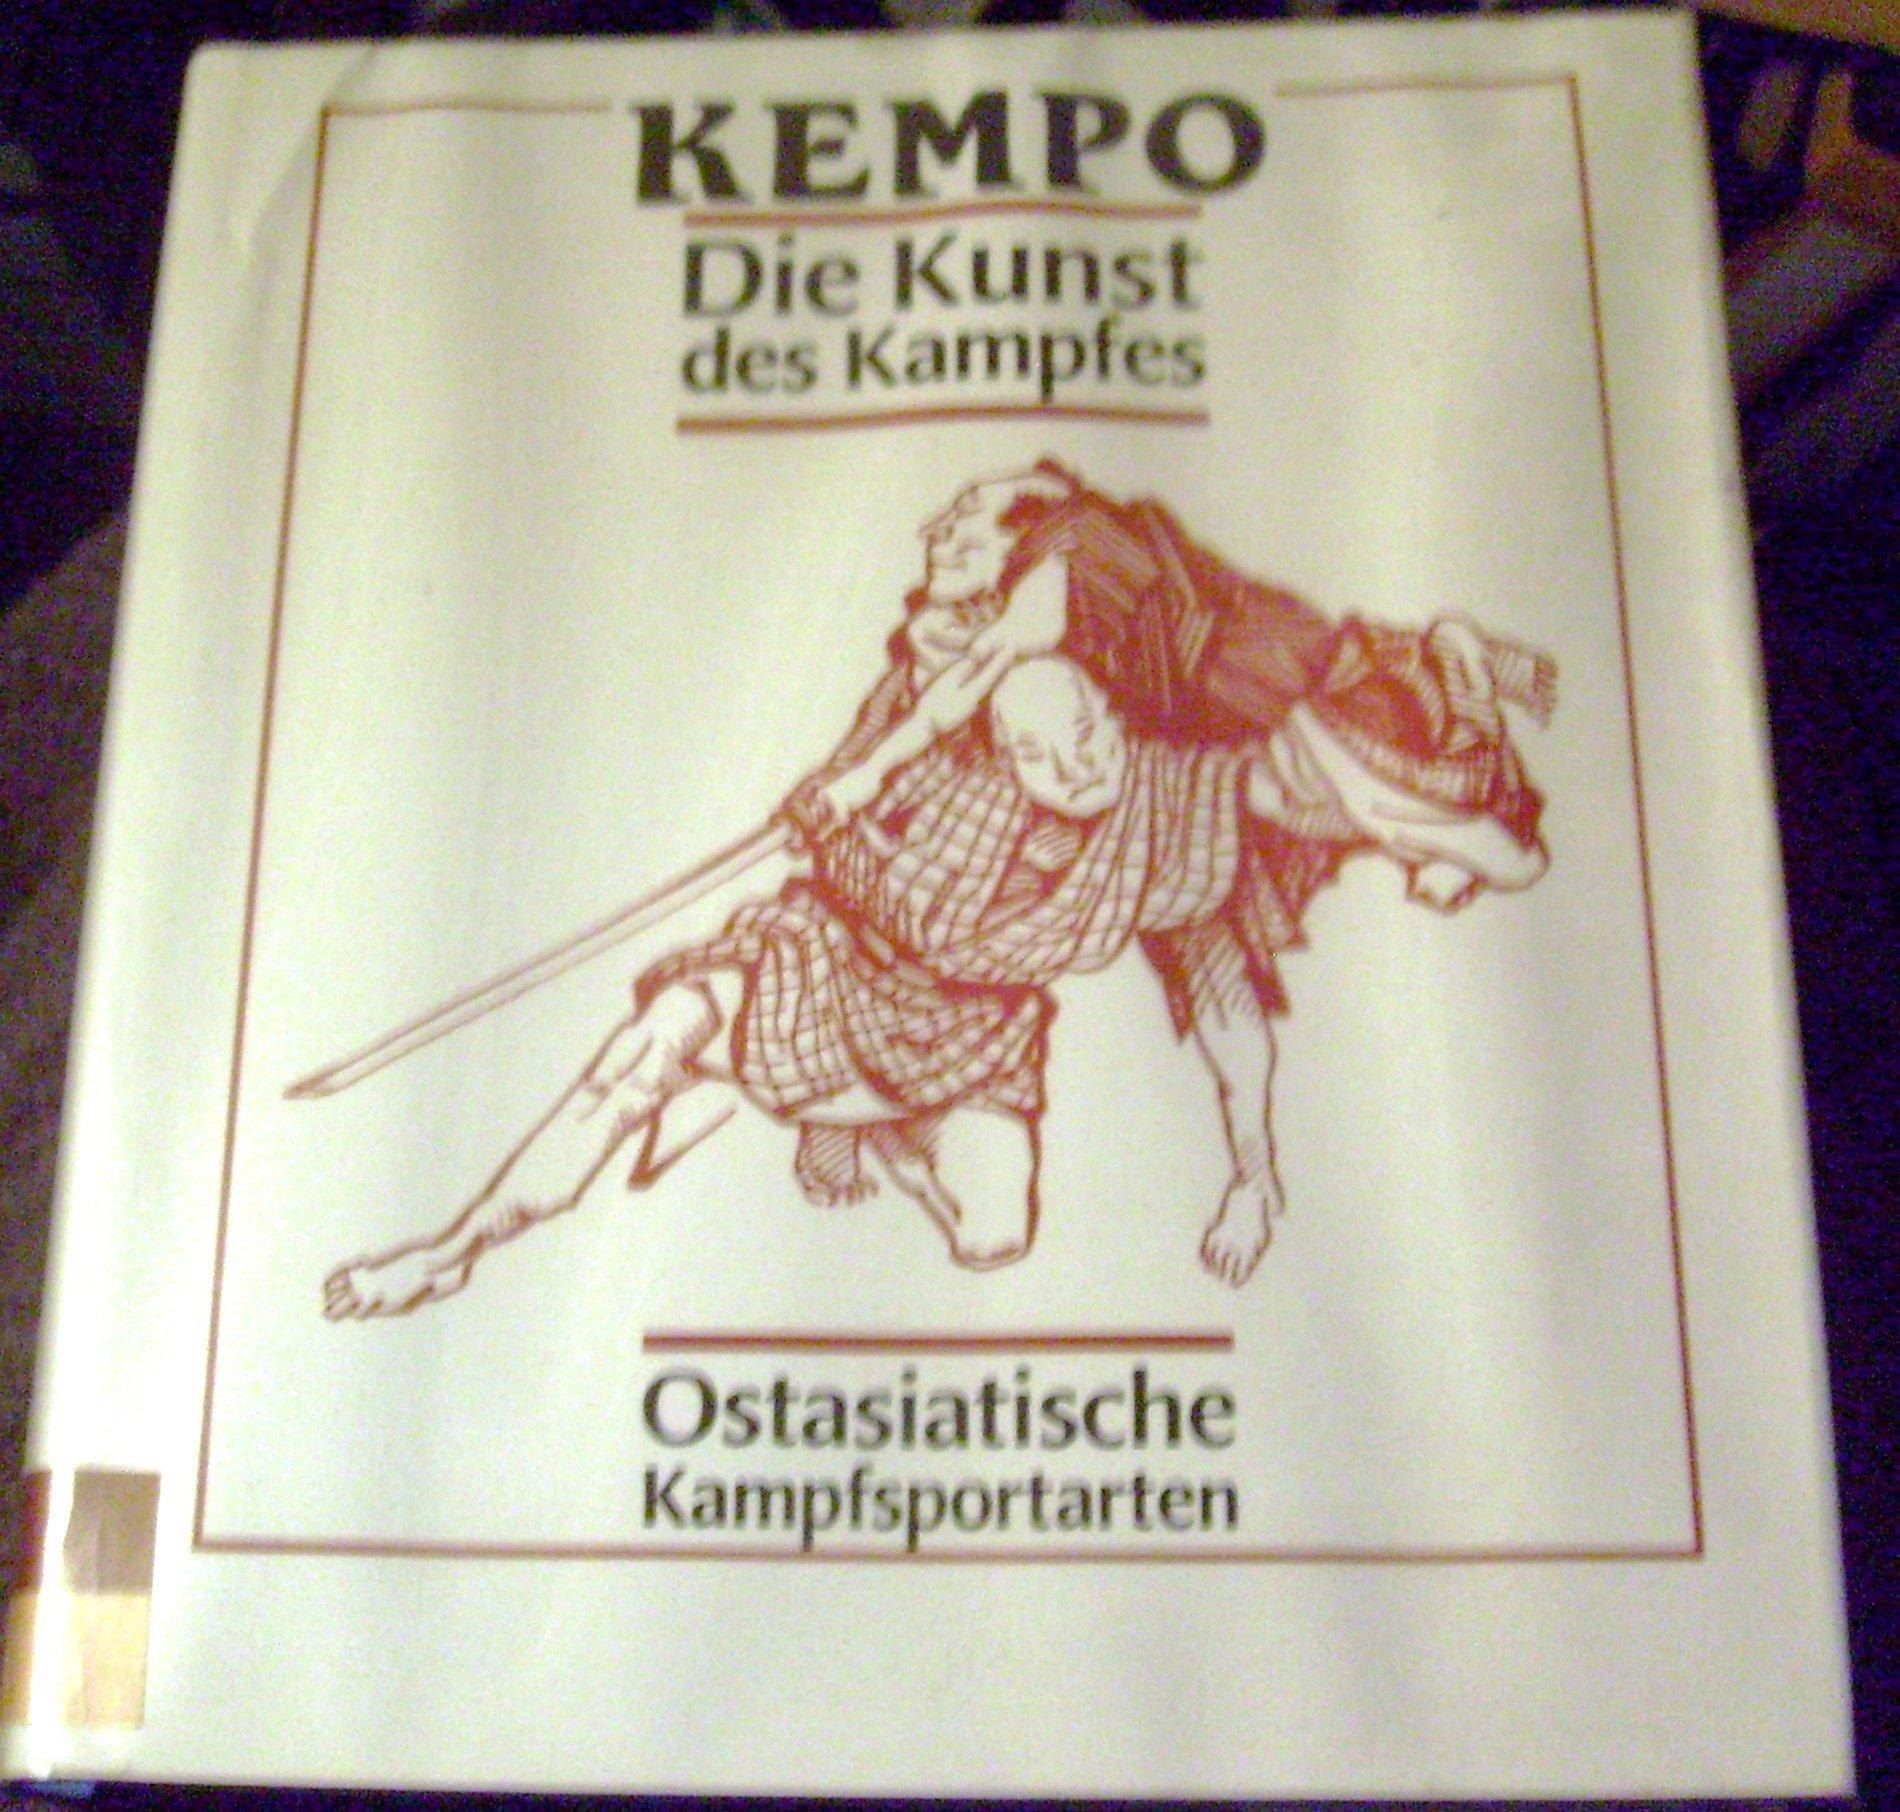 Kempo, die Kunst des Kampfes